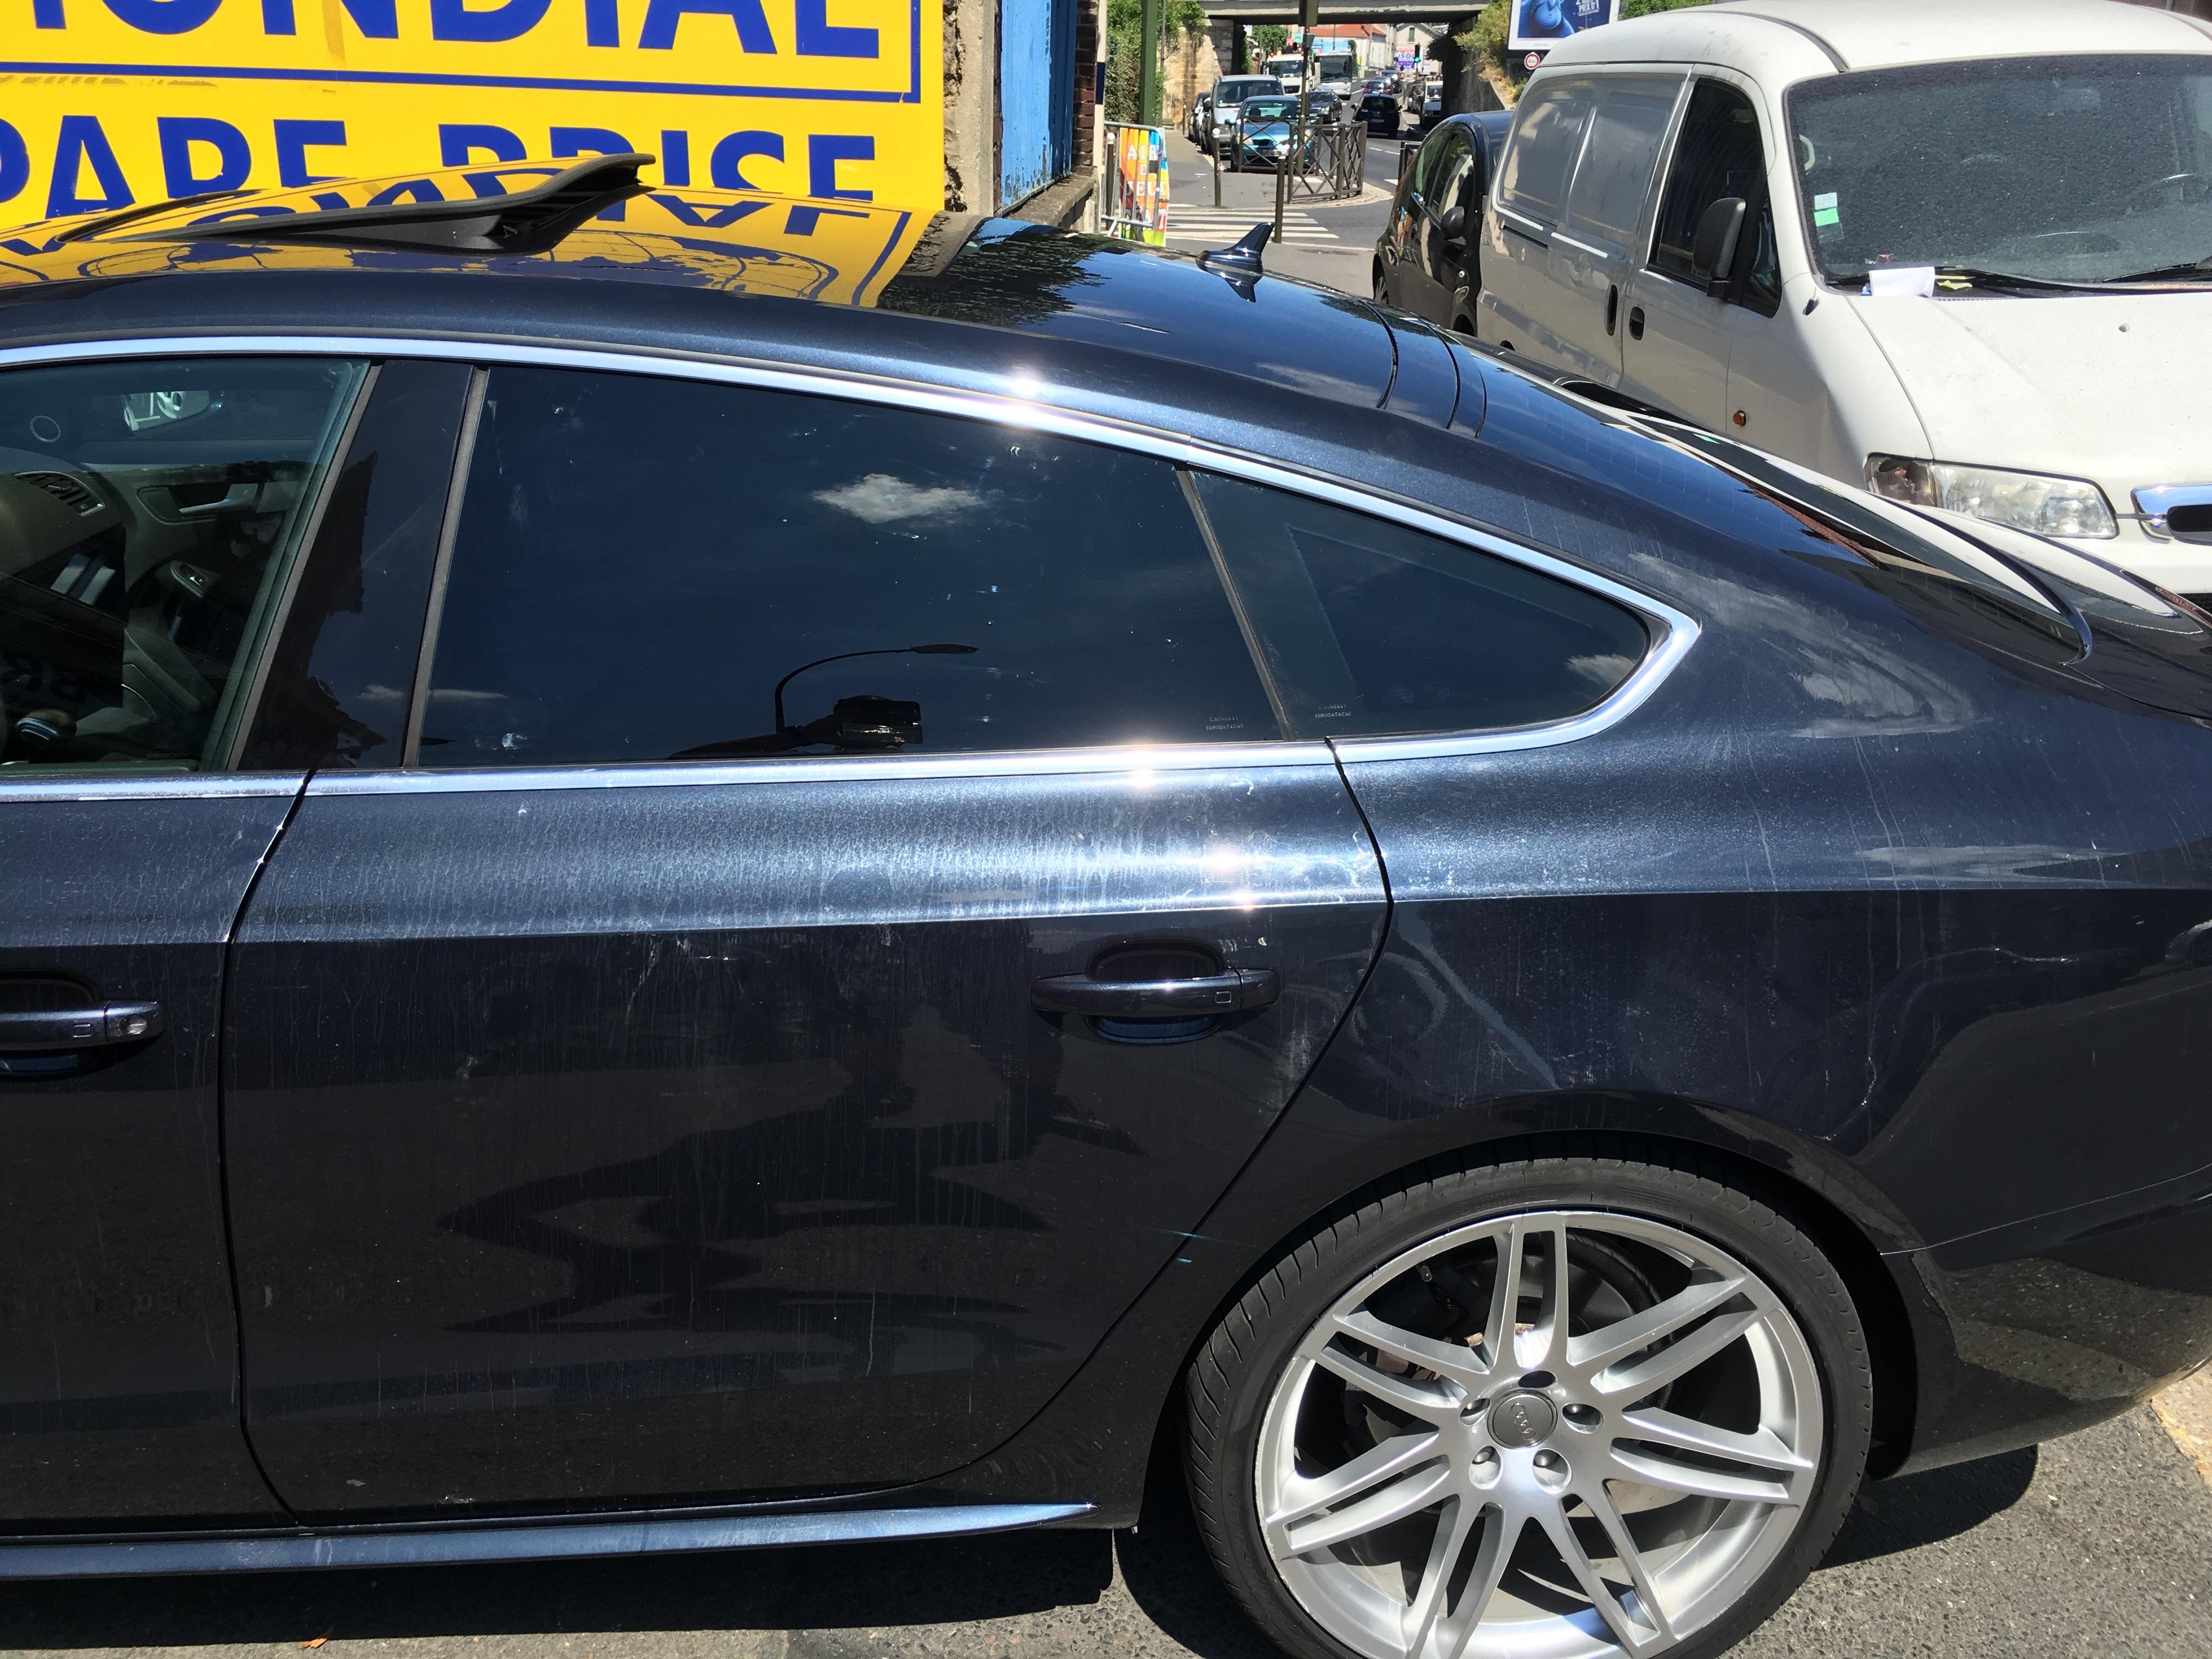 img 0224 vitre teint e automobile pose vitres teint es pour voiture autofilms sp cialise. Black Bedroom Furniture Sets. Home Design Ideas